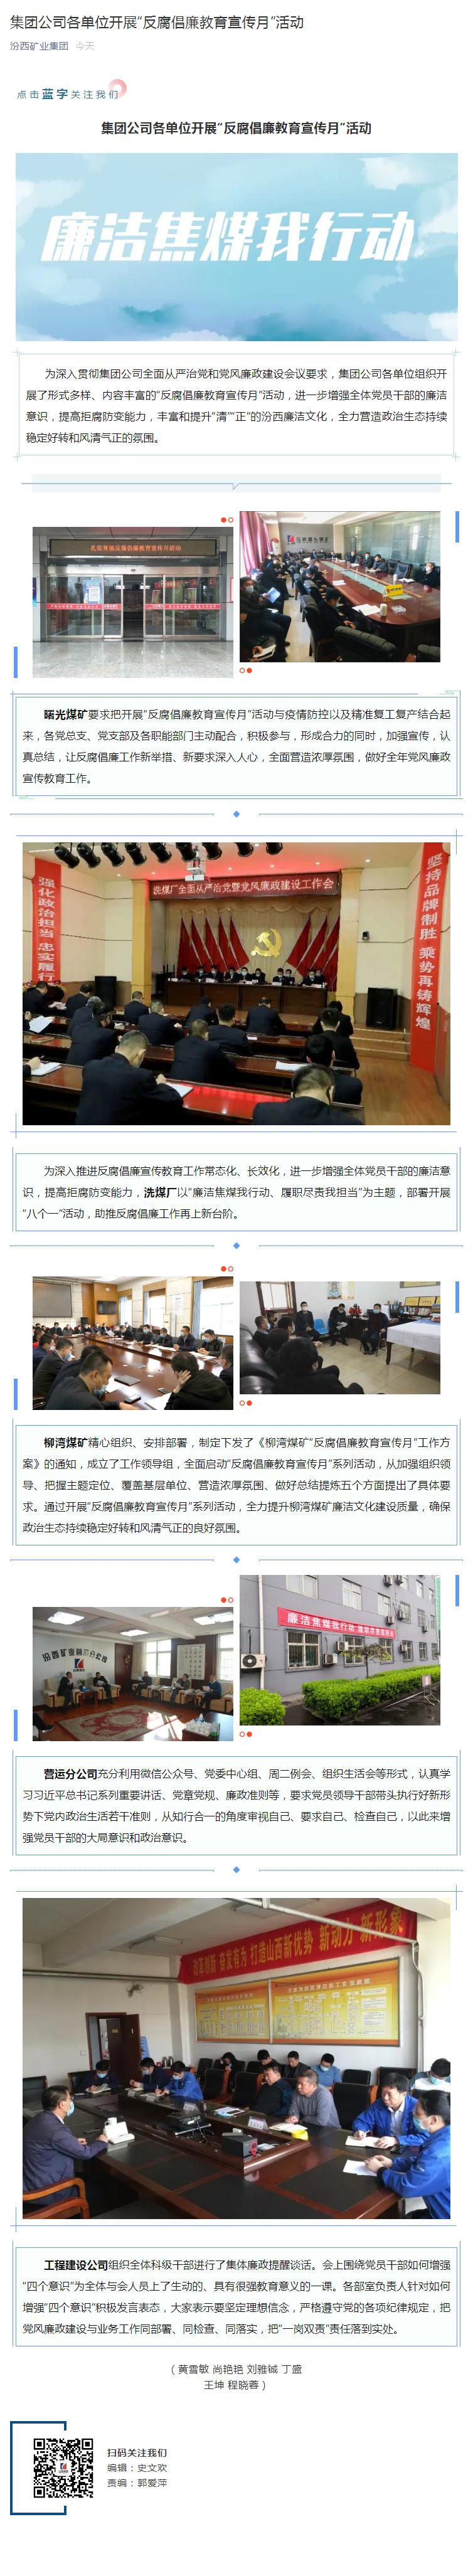 """集团公司各单位开展""""反腐倡廉教育宣传月""""活动.png"""